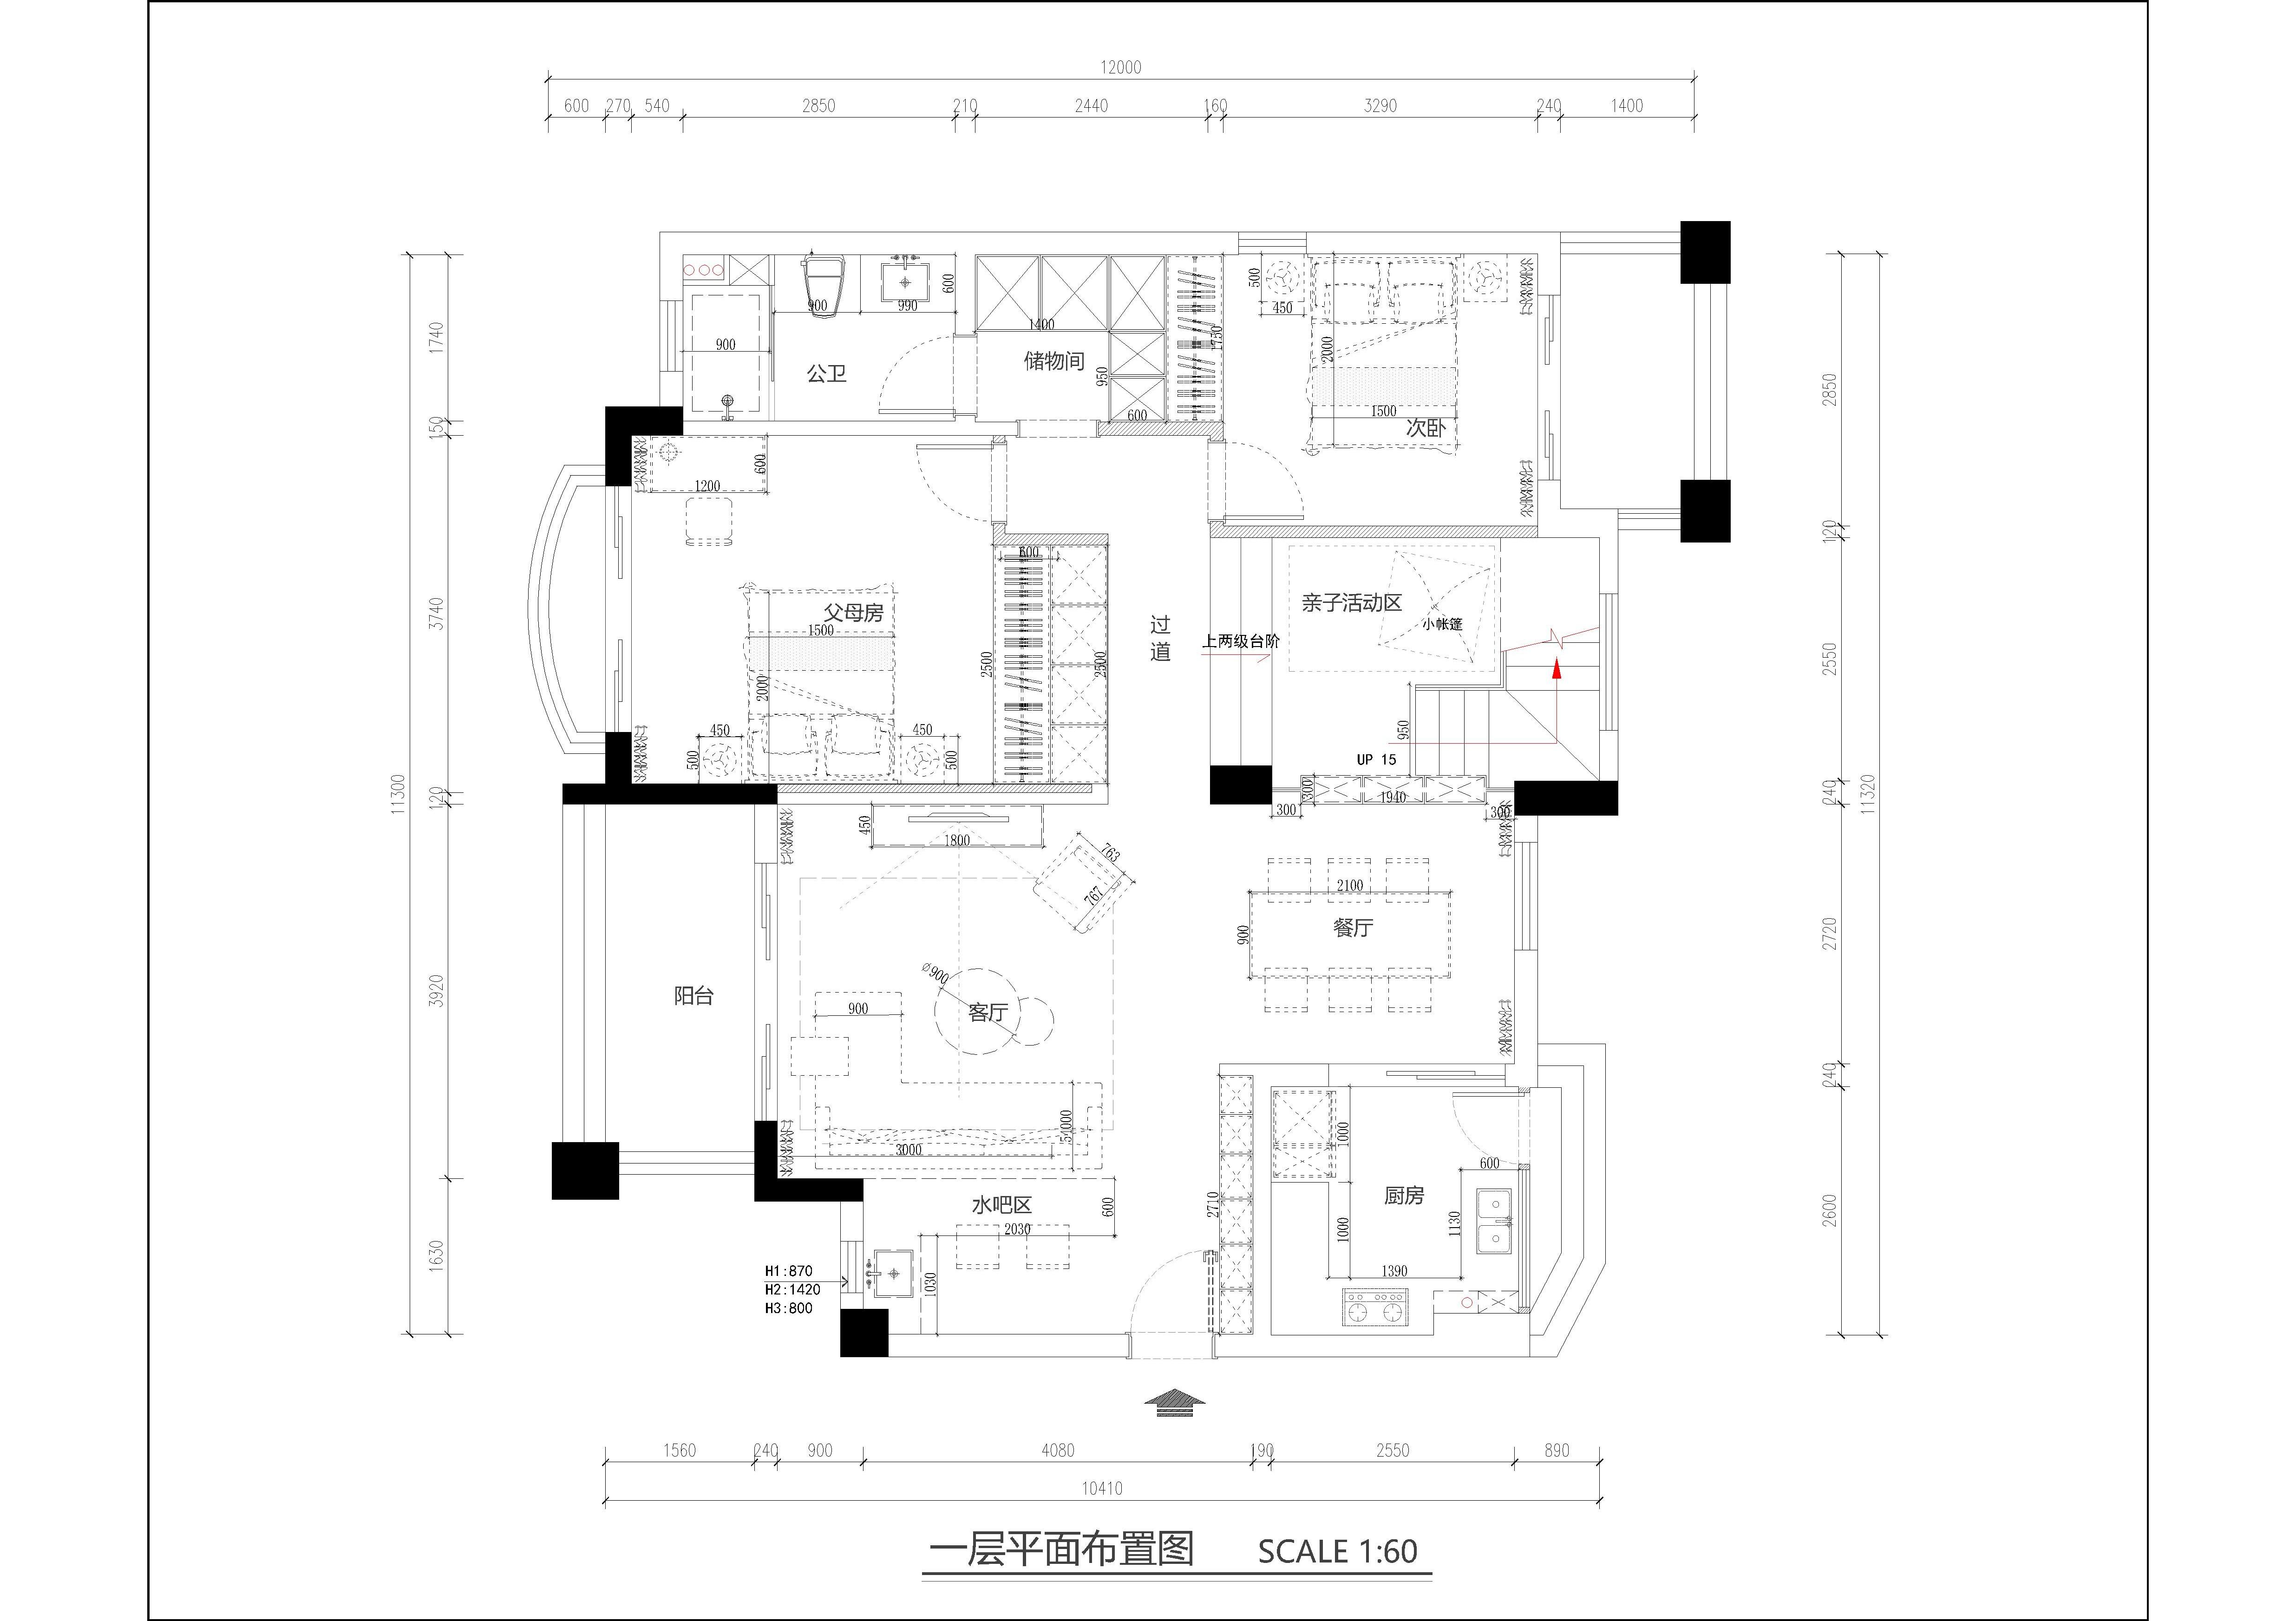 广州星河湾装修案例 200㎡美式风格五房二厅家装效果图装修设计理念